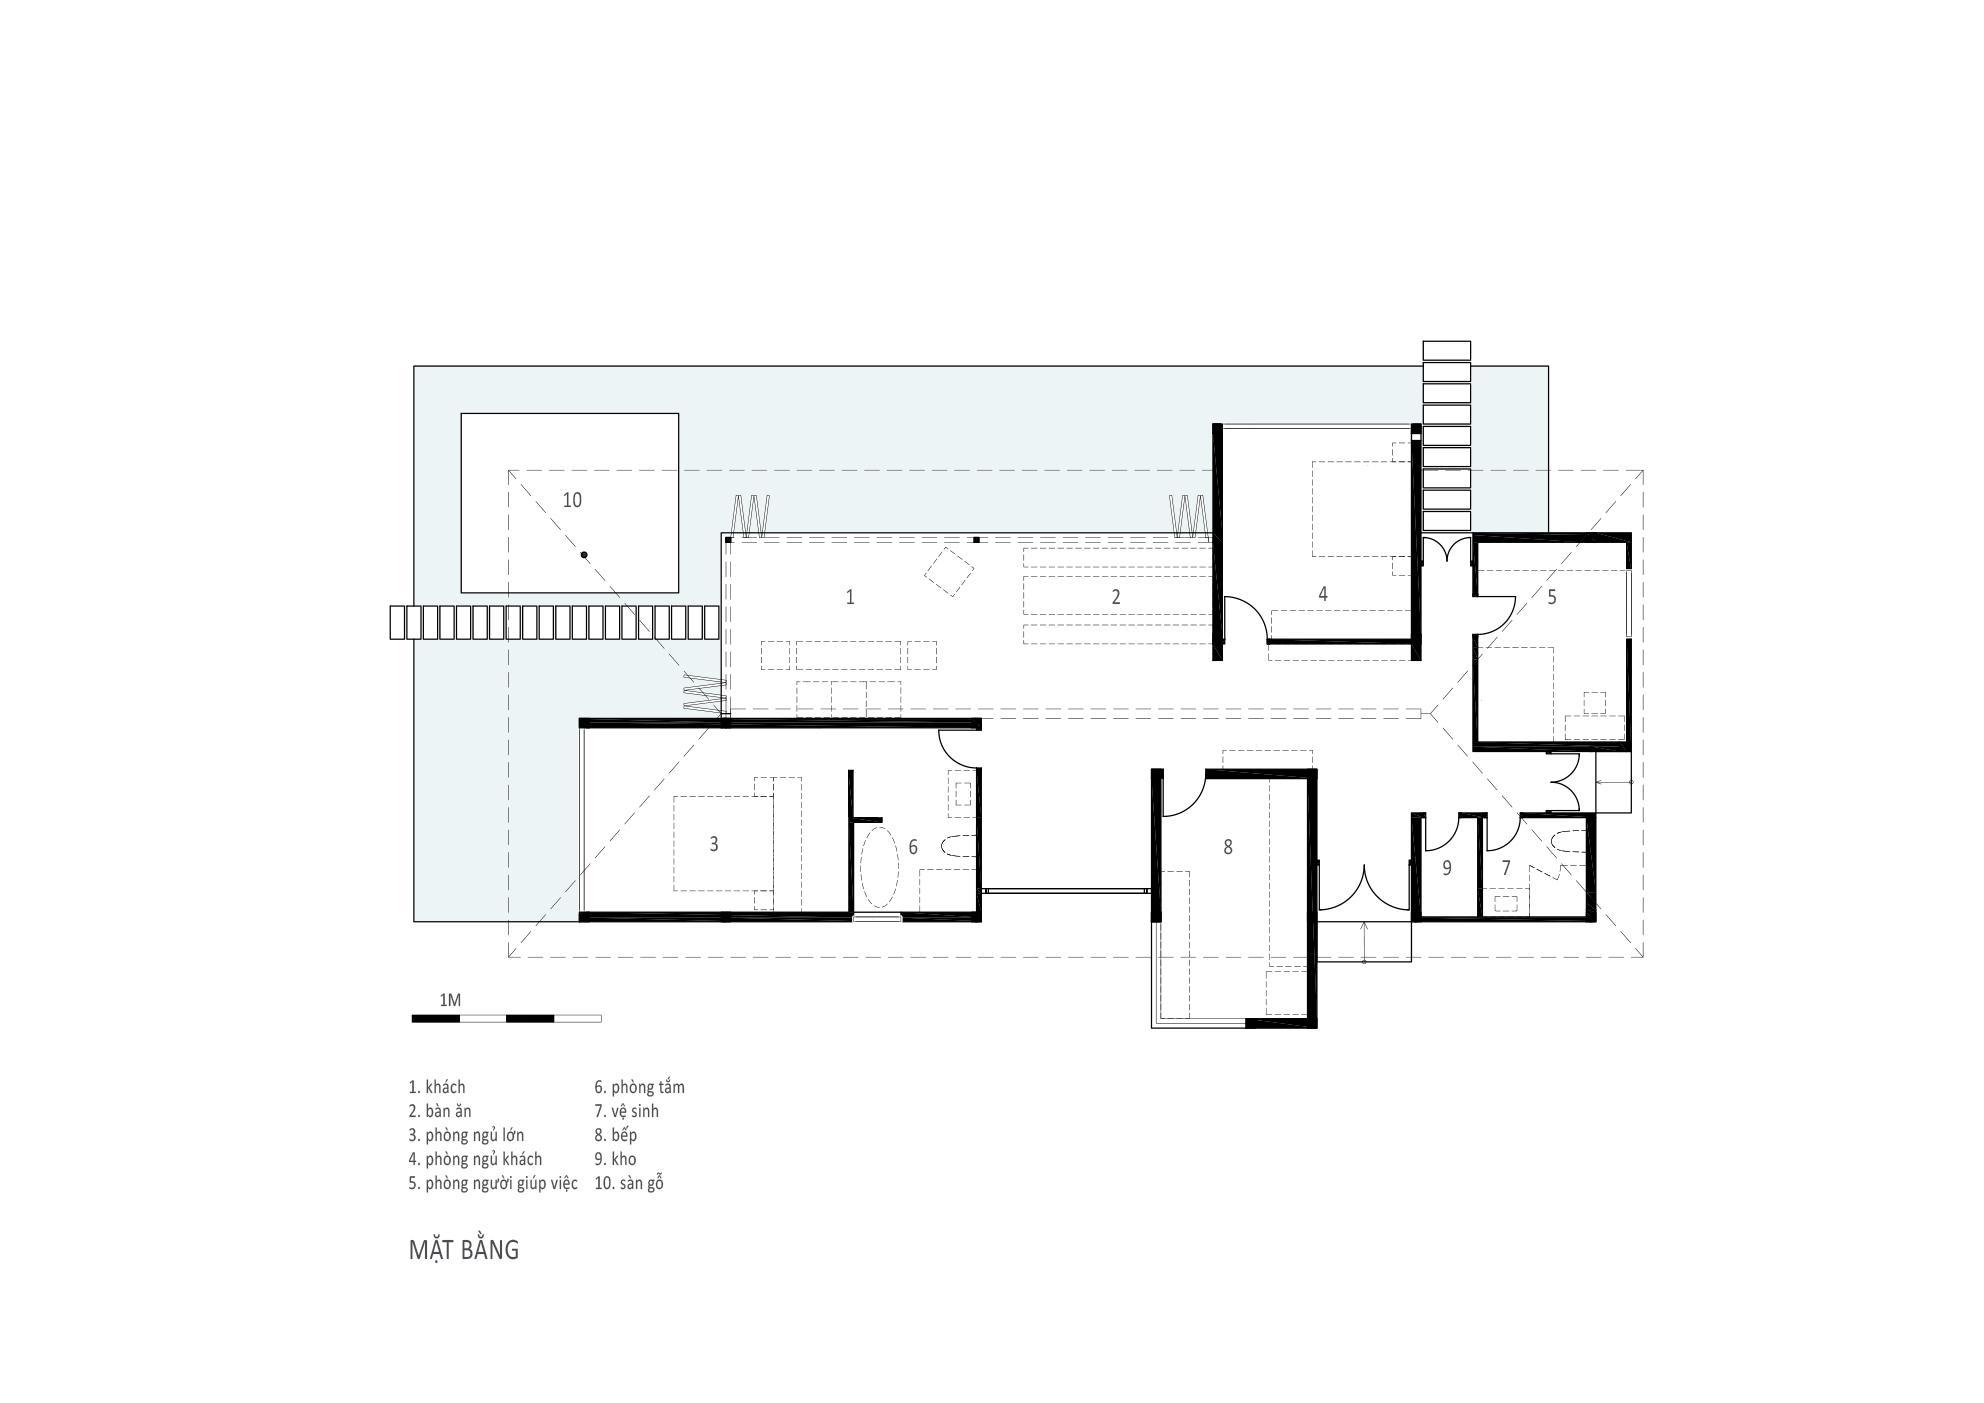 Am House 5